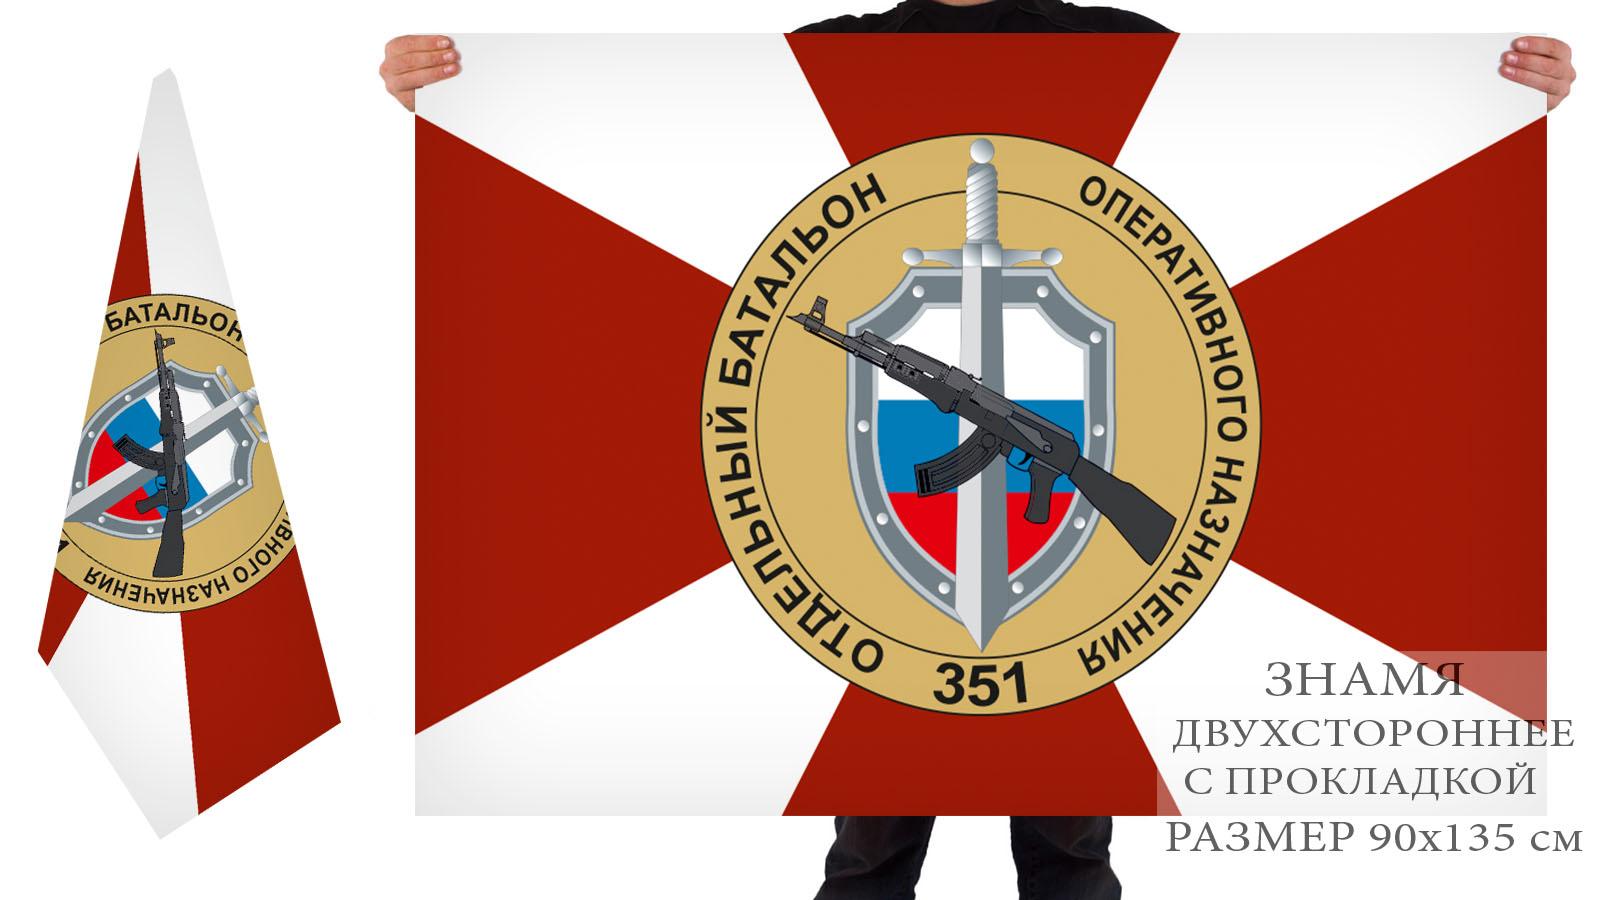 Заказать флаг 351-го отдельного батальона оперативного назначения